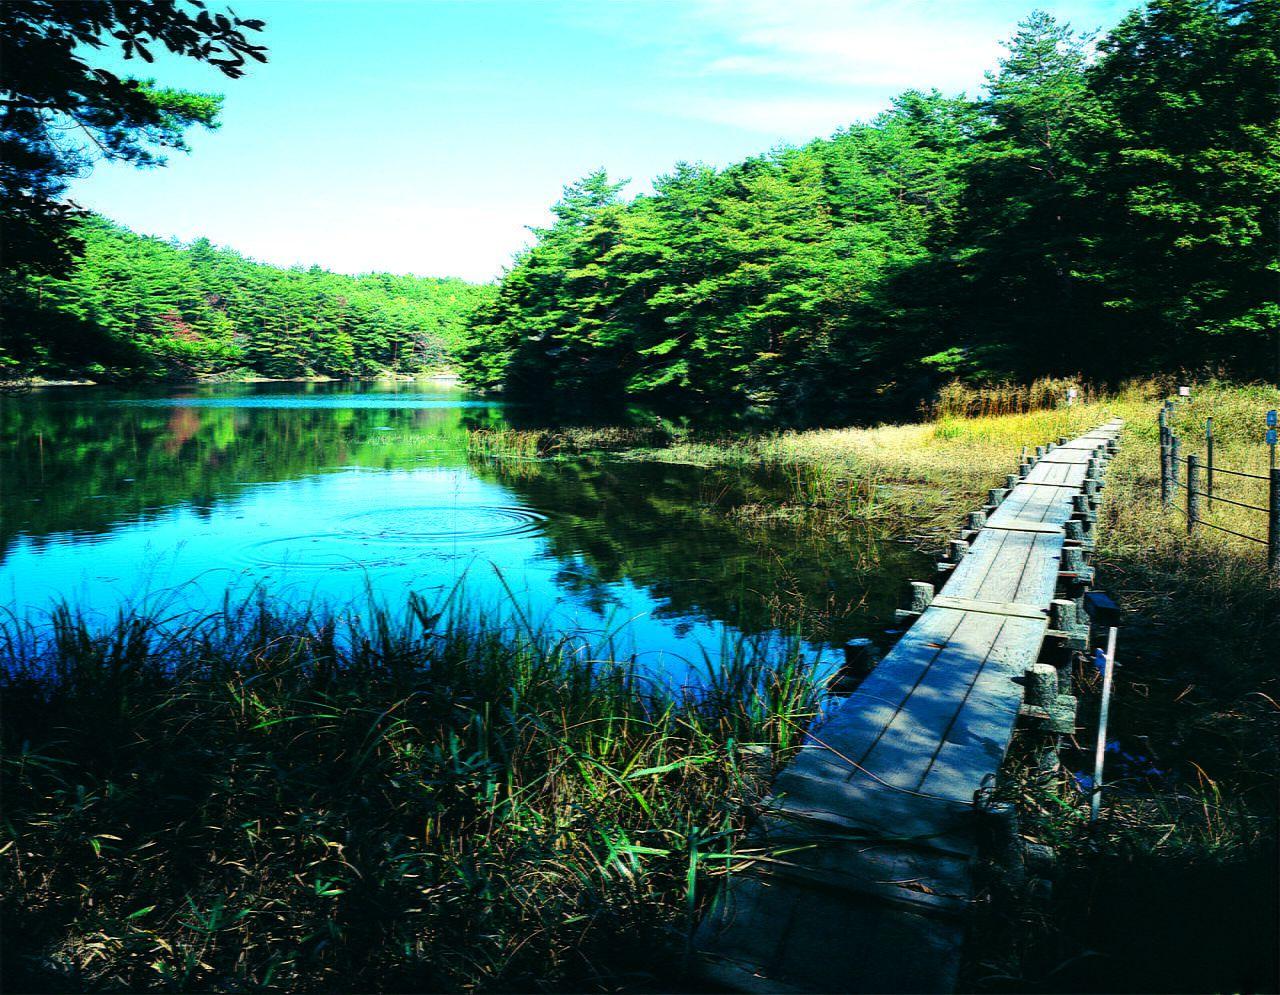 Koigakubo Wetland